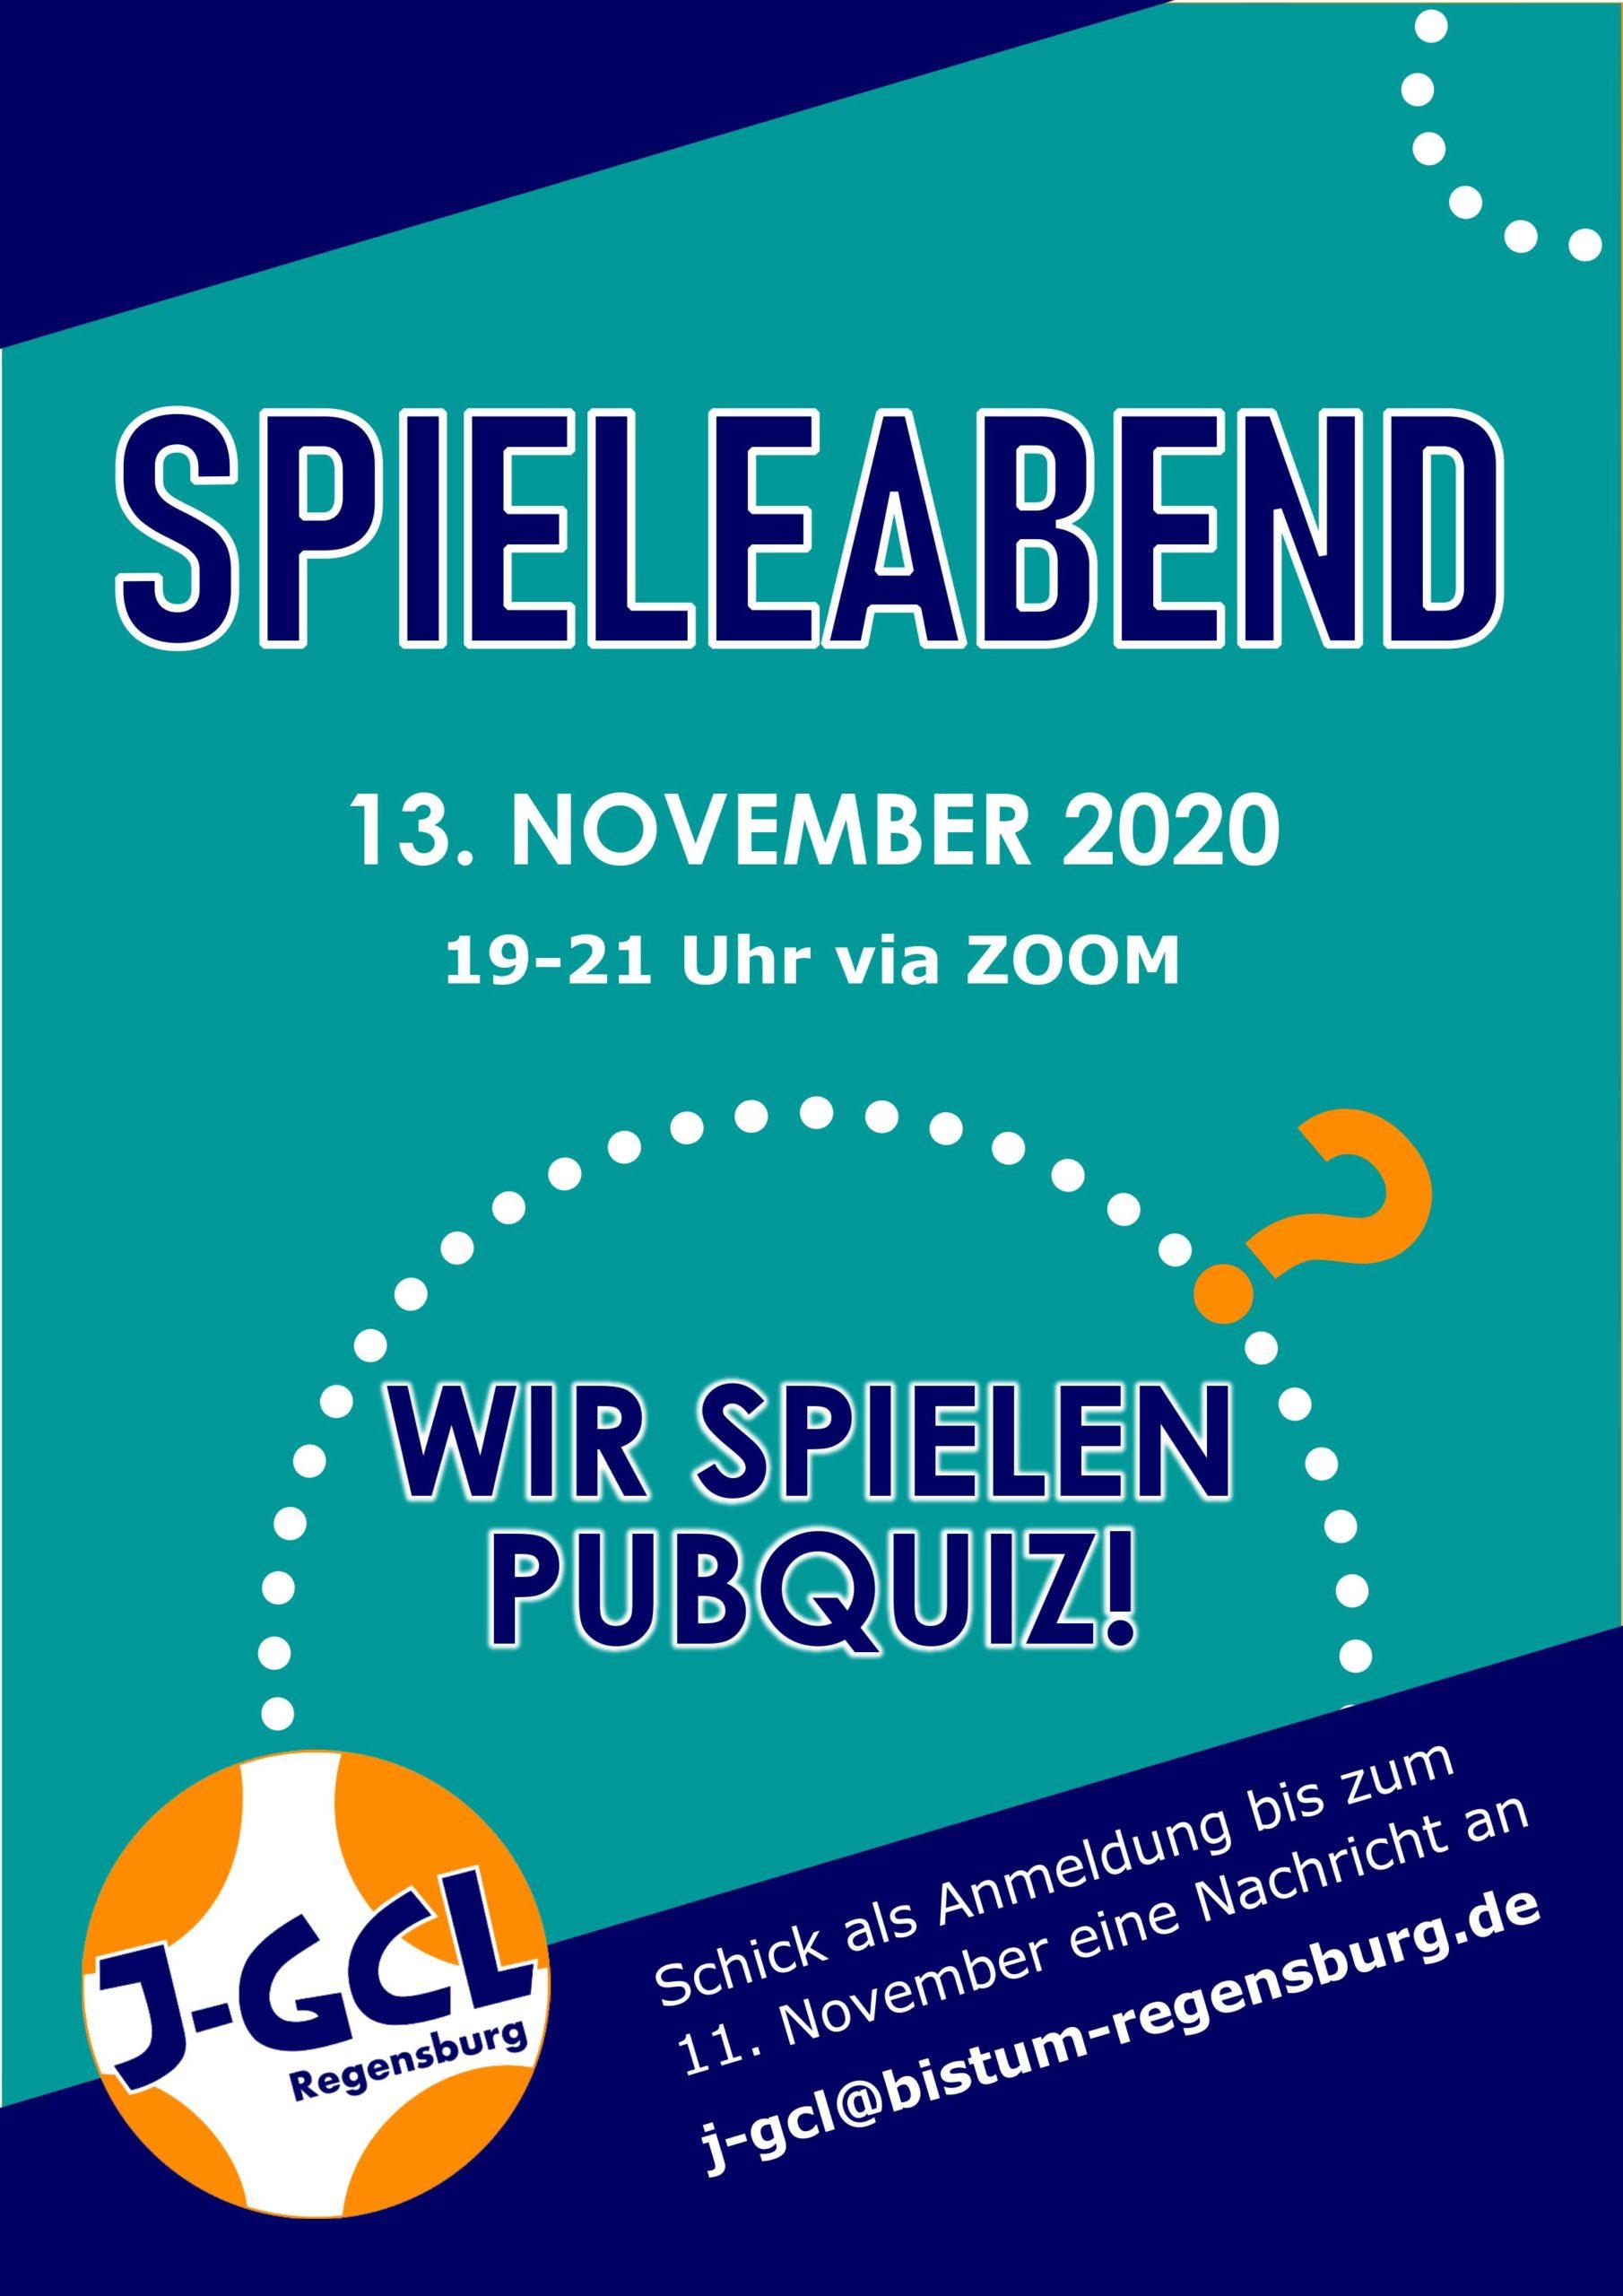 Einladung Spieleabend 13. November